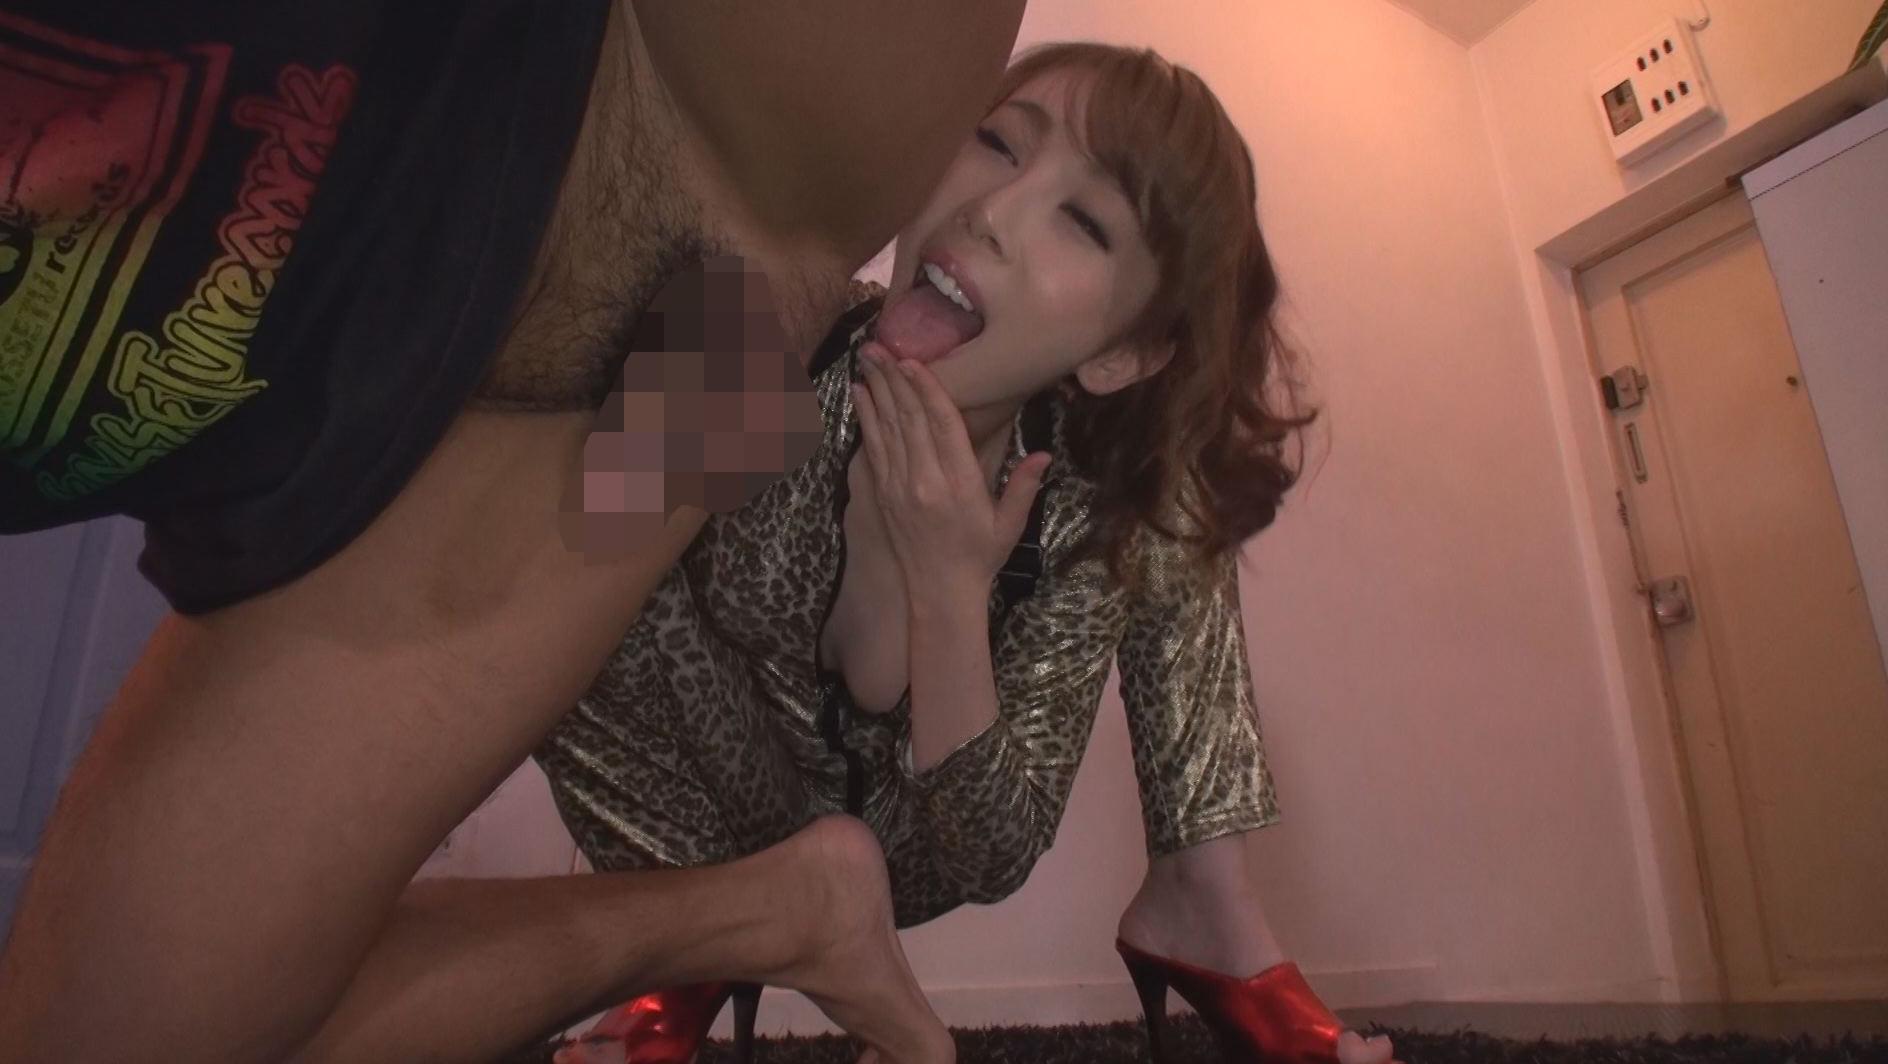 ちっちゃ可愛い娘の手コキVOL.3